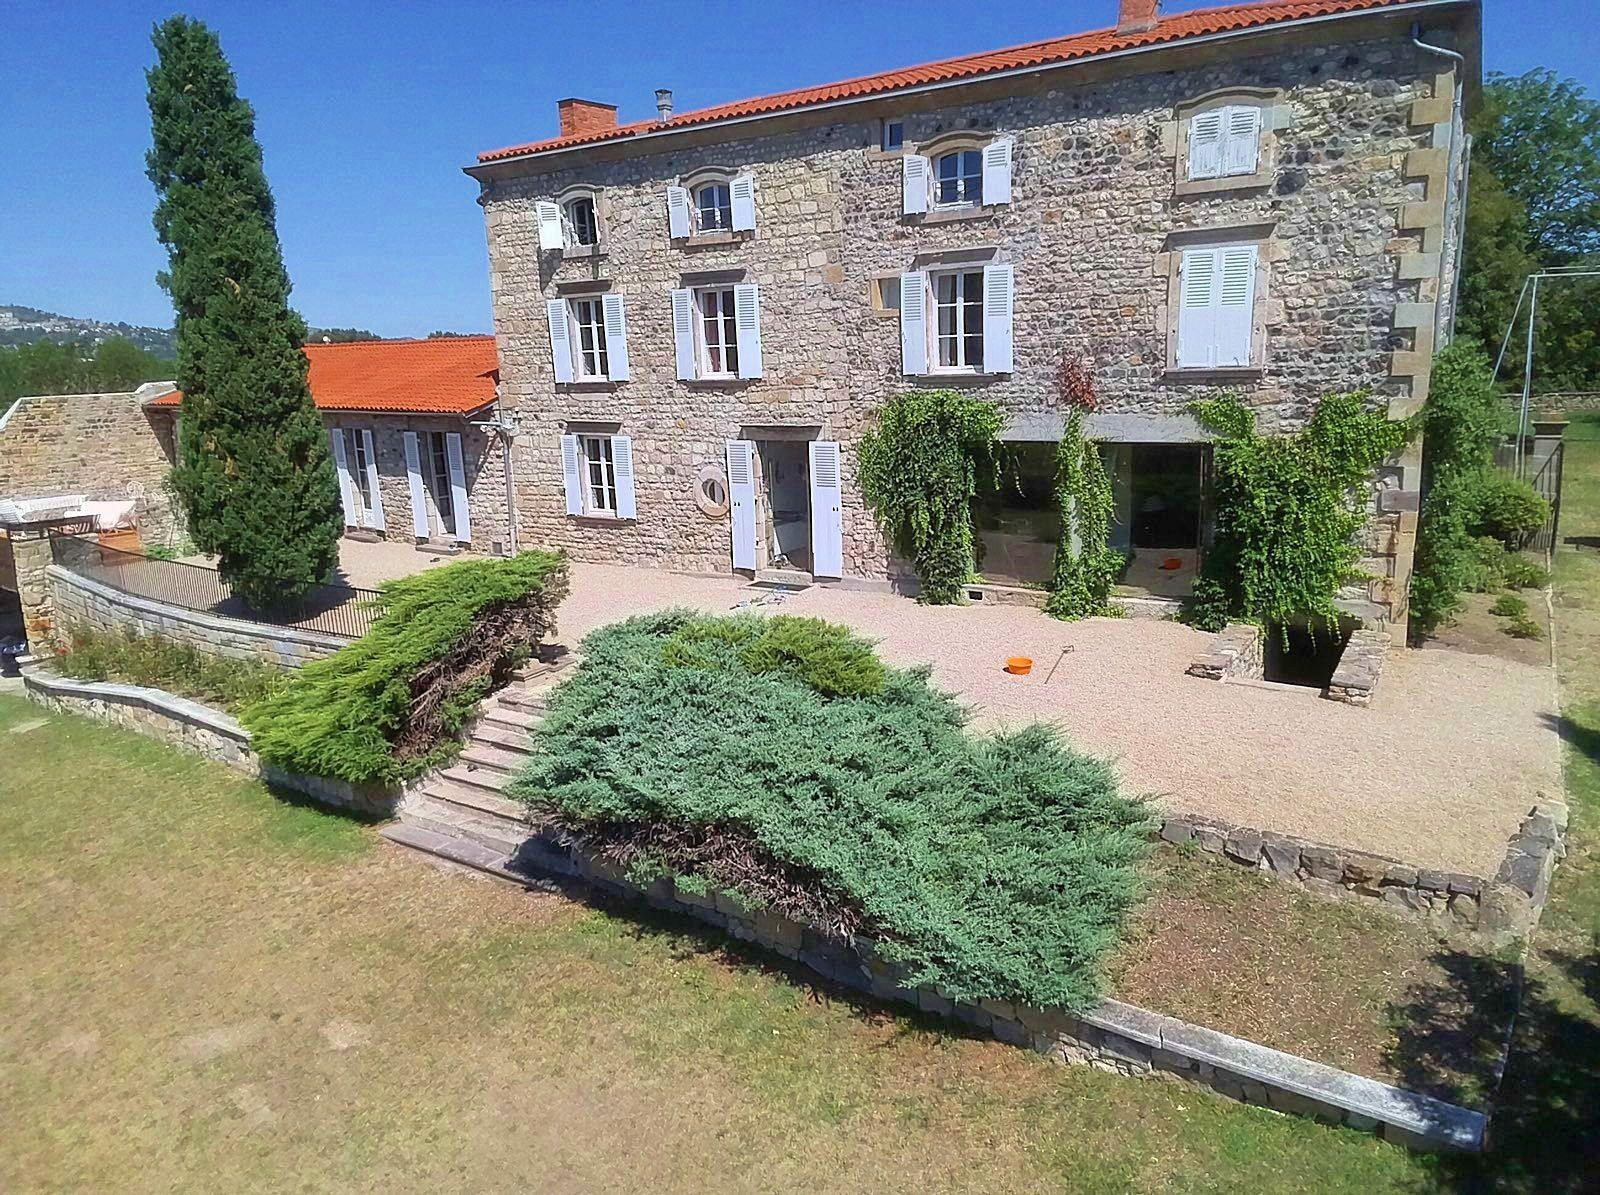 Maison - 9chambres - 28couchages en Auvergne - Puy de Dôme, La Sauvetat (63)